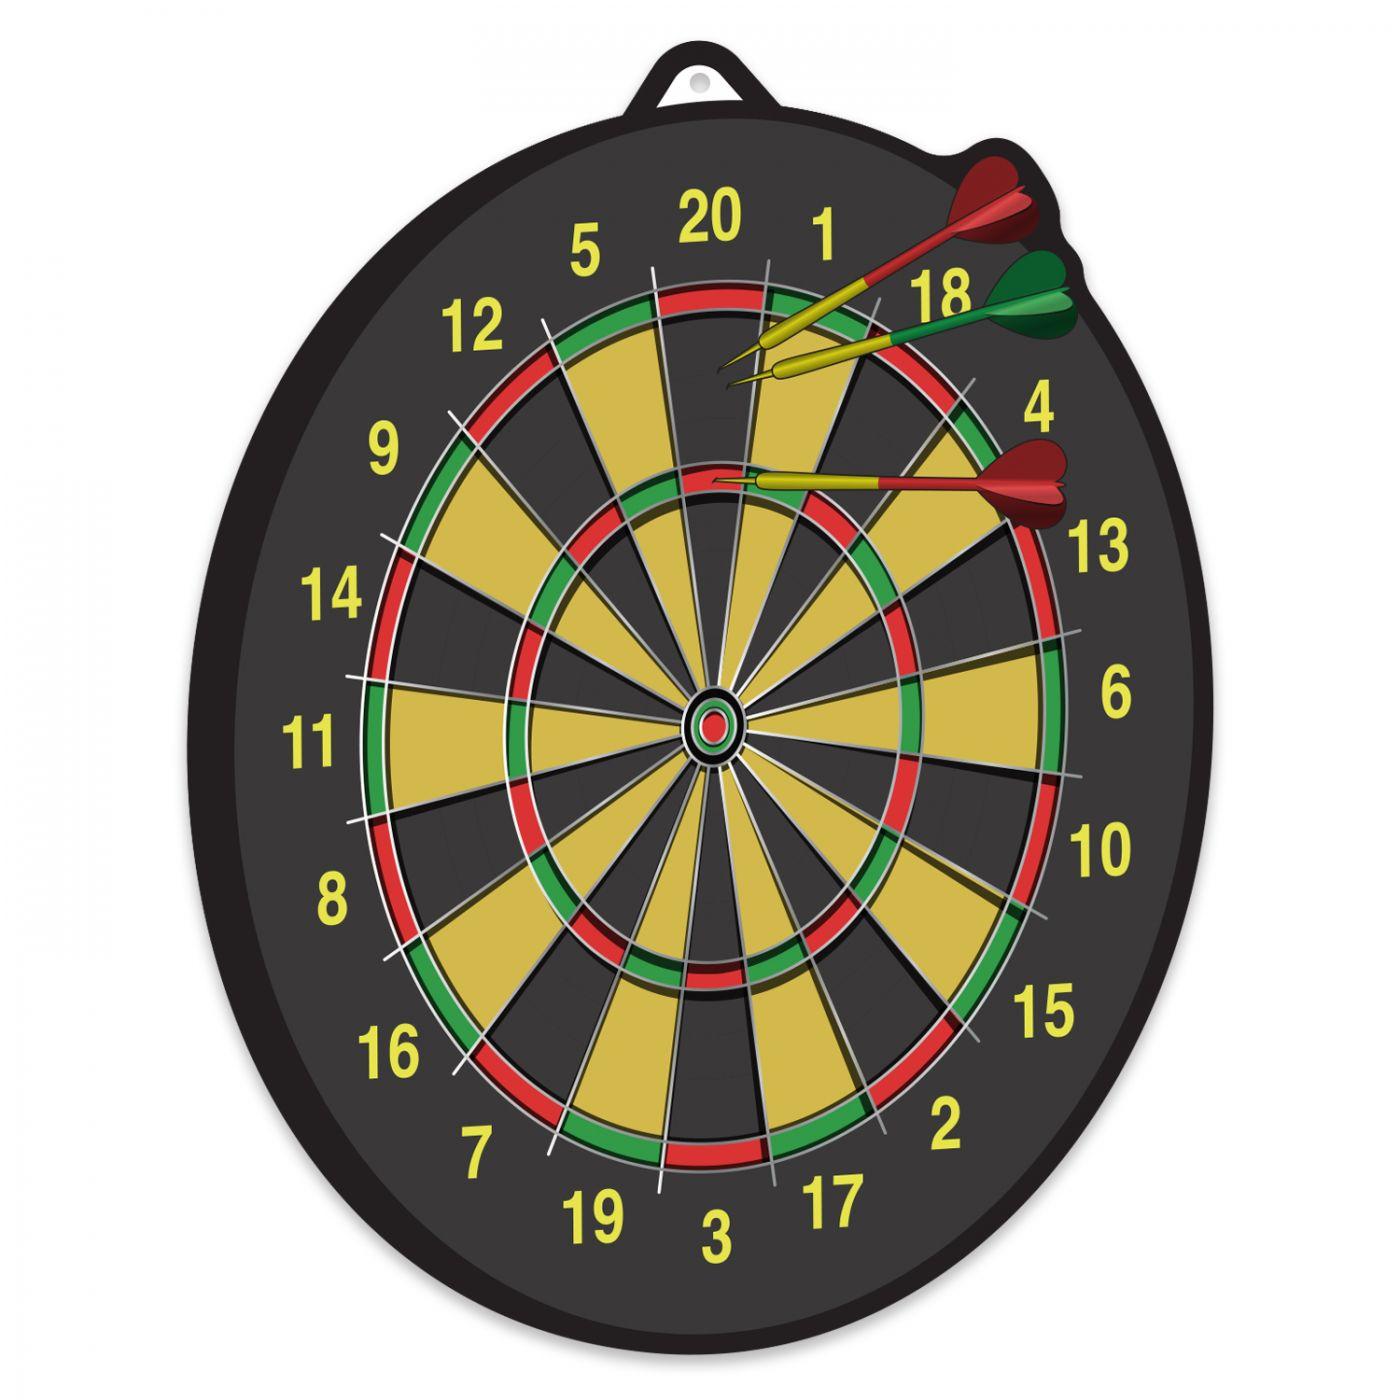 Dartboard Cutout image